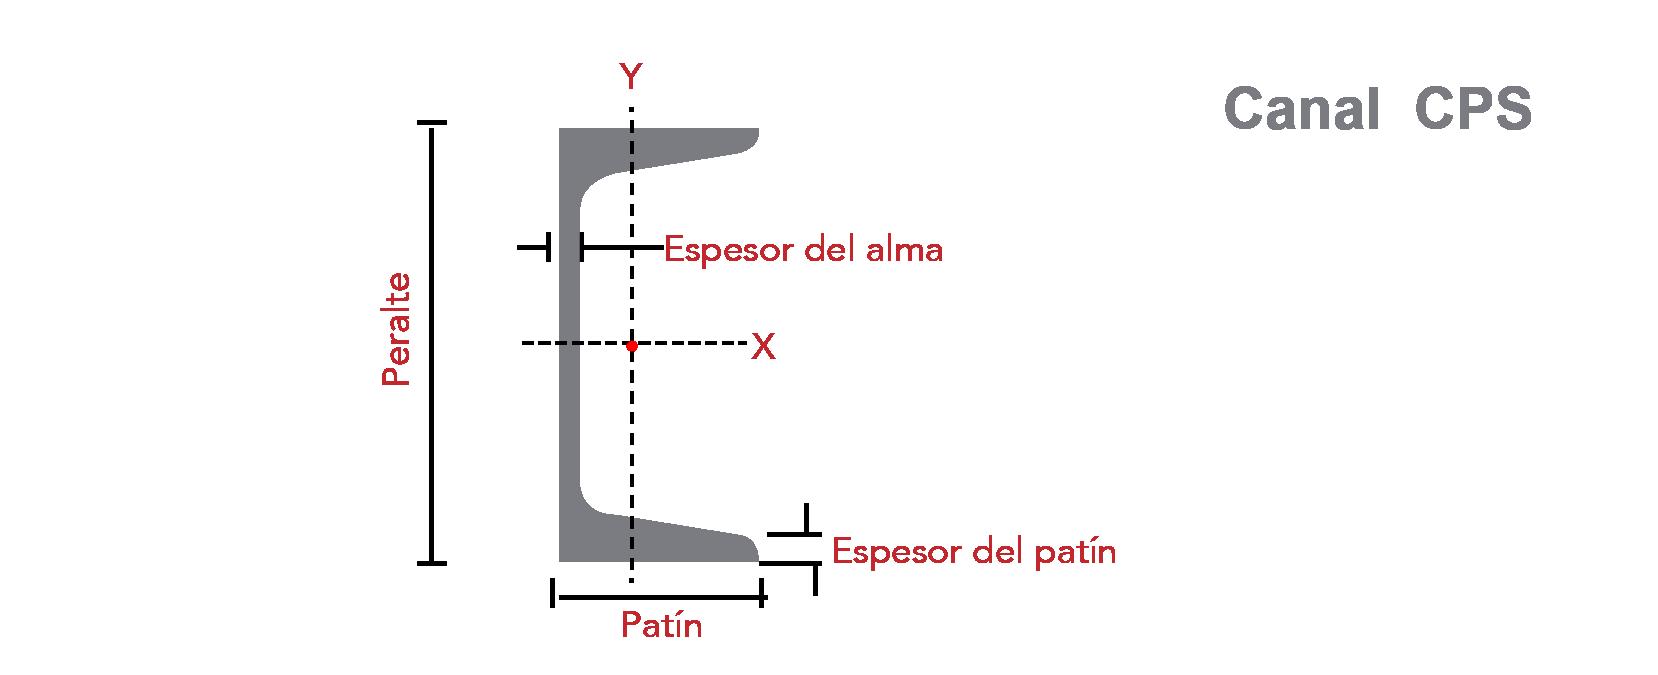 medidas-perfil-estructural-canal-cps-panel-y-acanalados